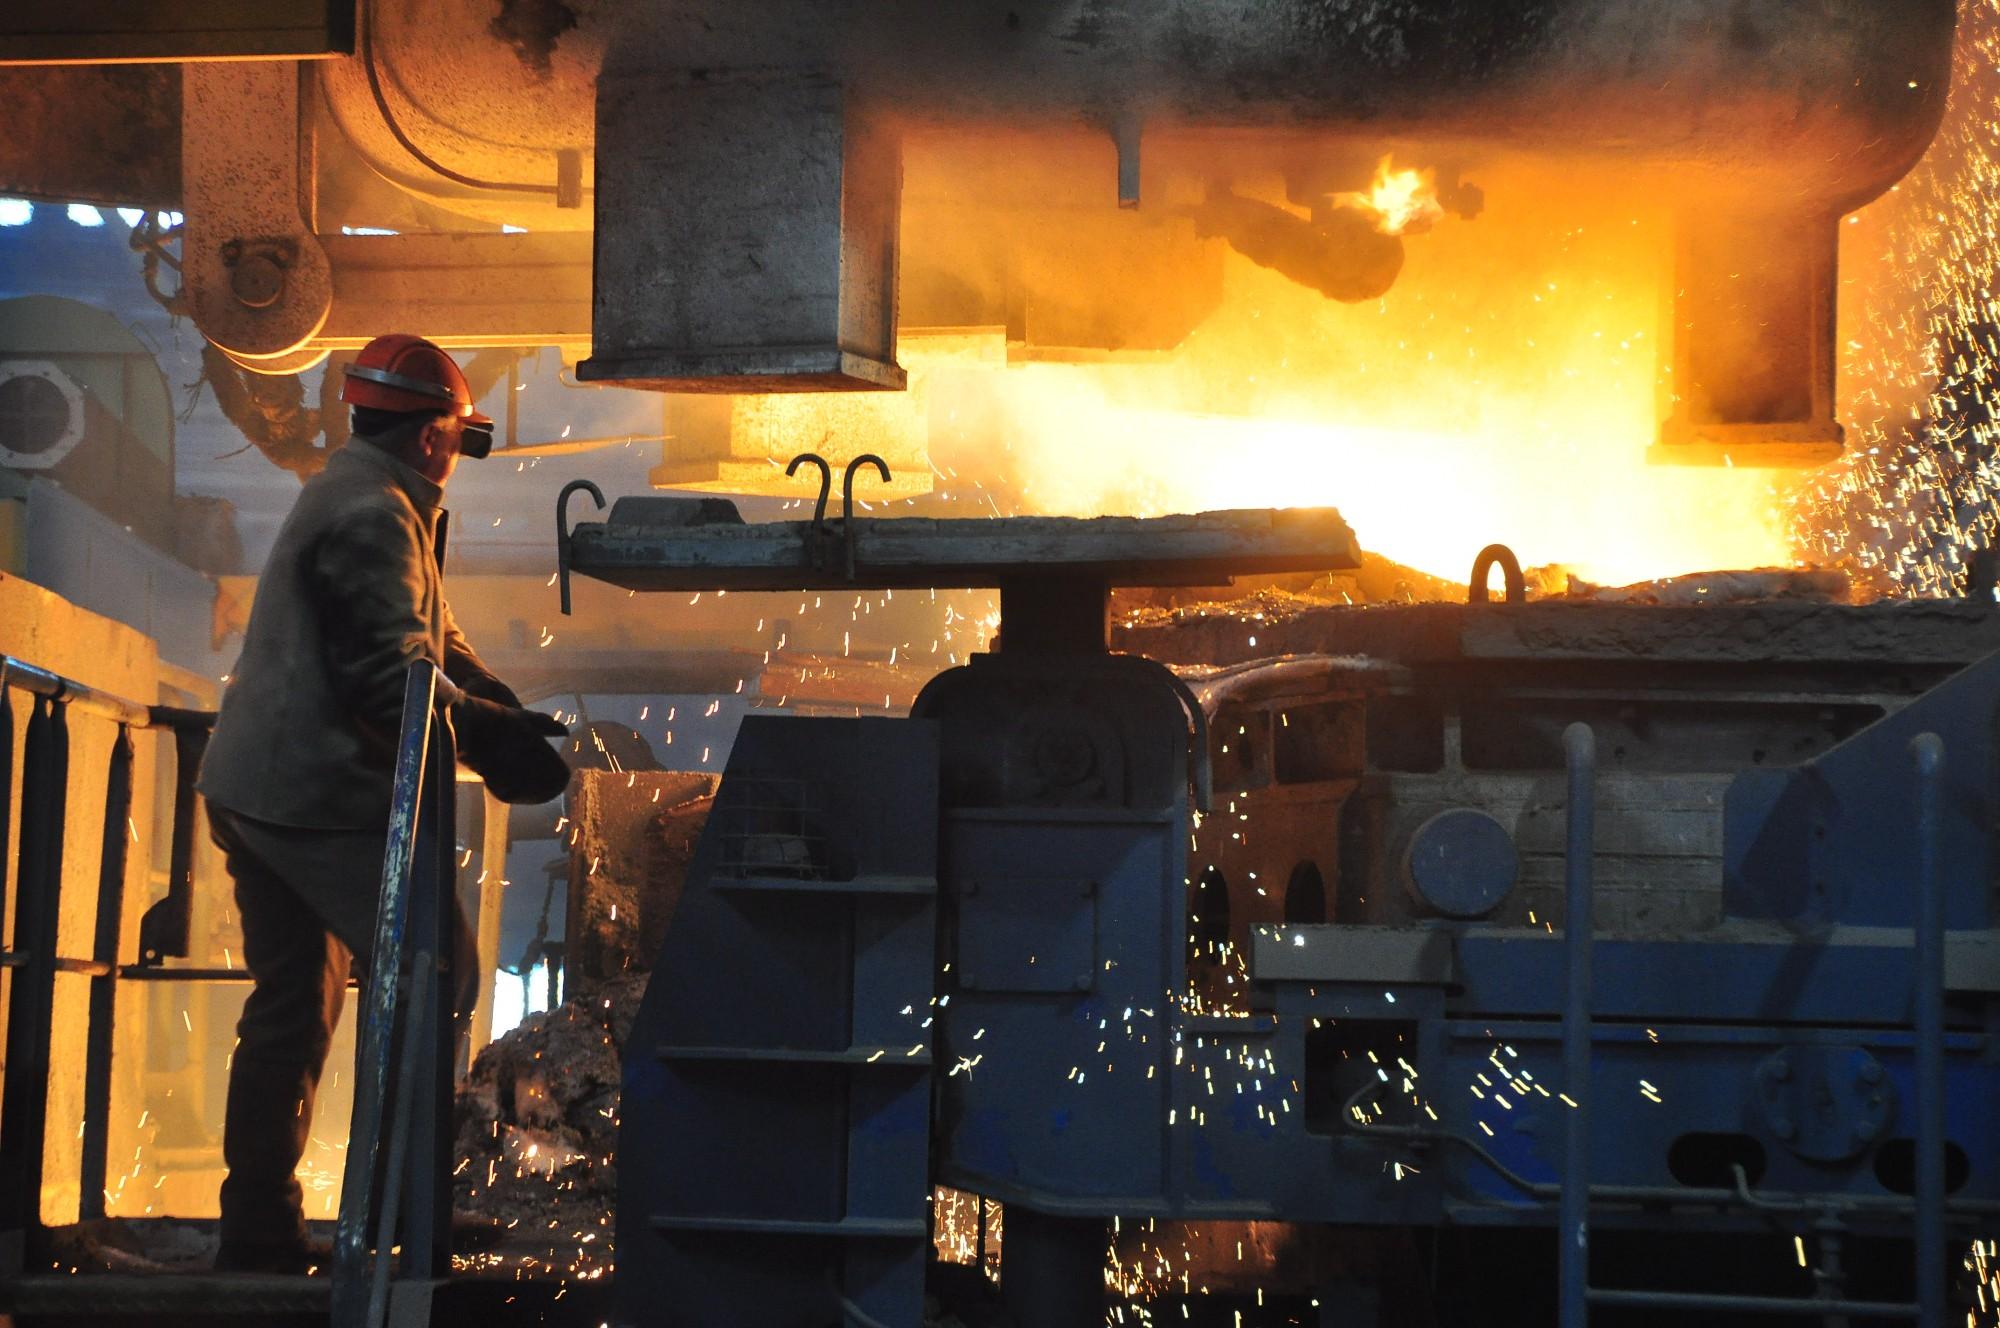 No darba atbrīvoti 20 metalurgi